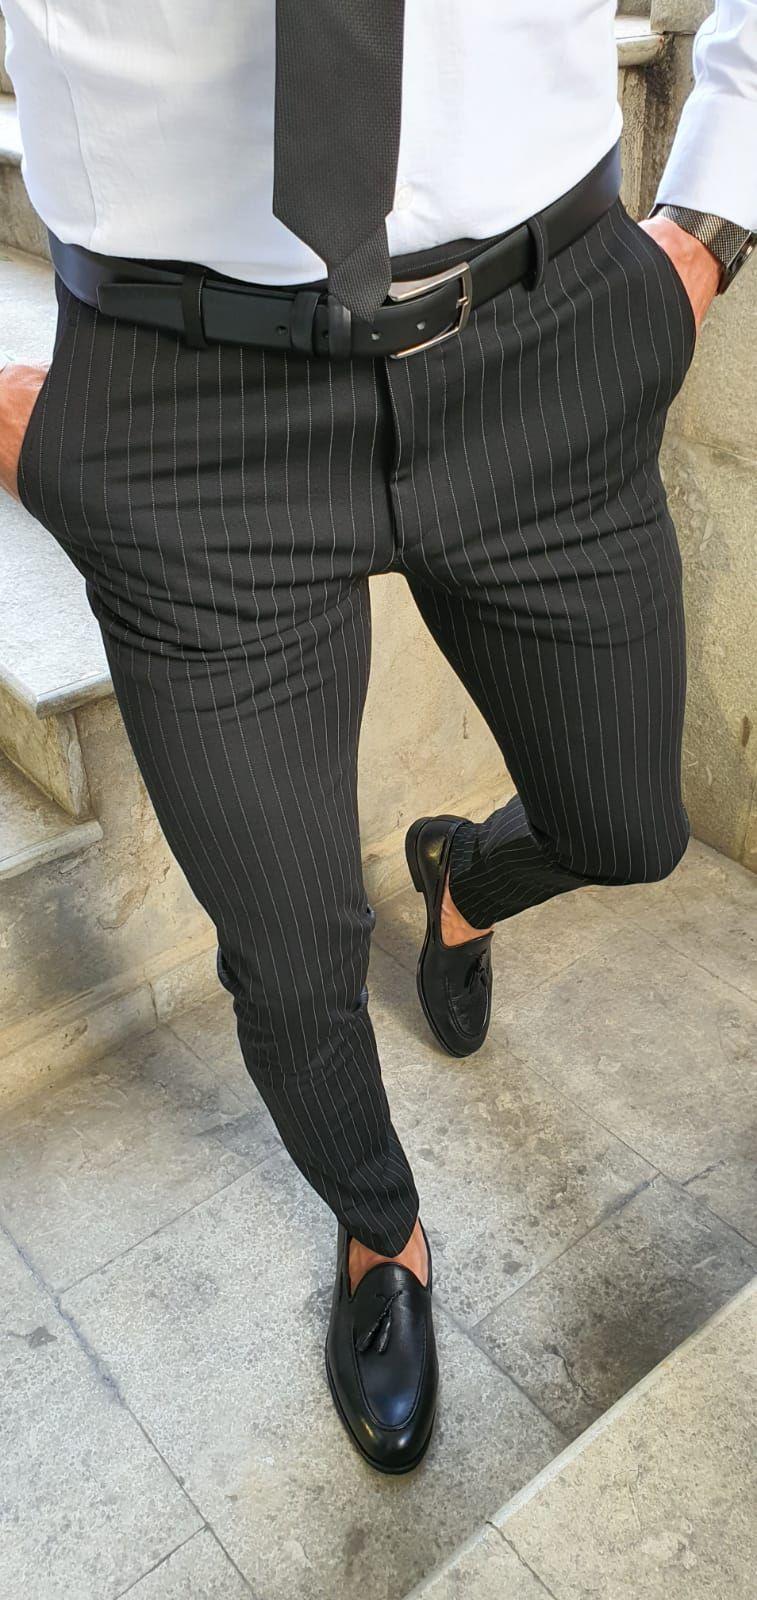 Buy Black Slim Fit Pinstripe Pants By Gentwith With Free Shipping Slim Fit Pants Men Black Pants Men Slim Fit Formal Pants [ 1600 x 757 Pixel ]